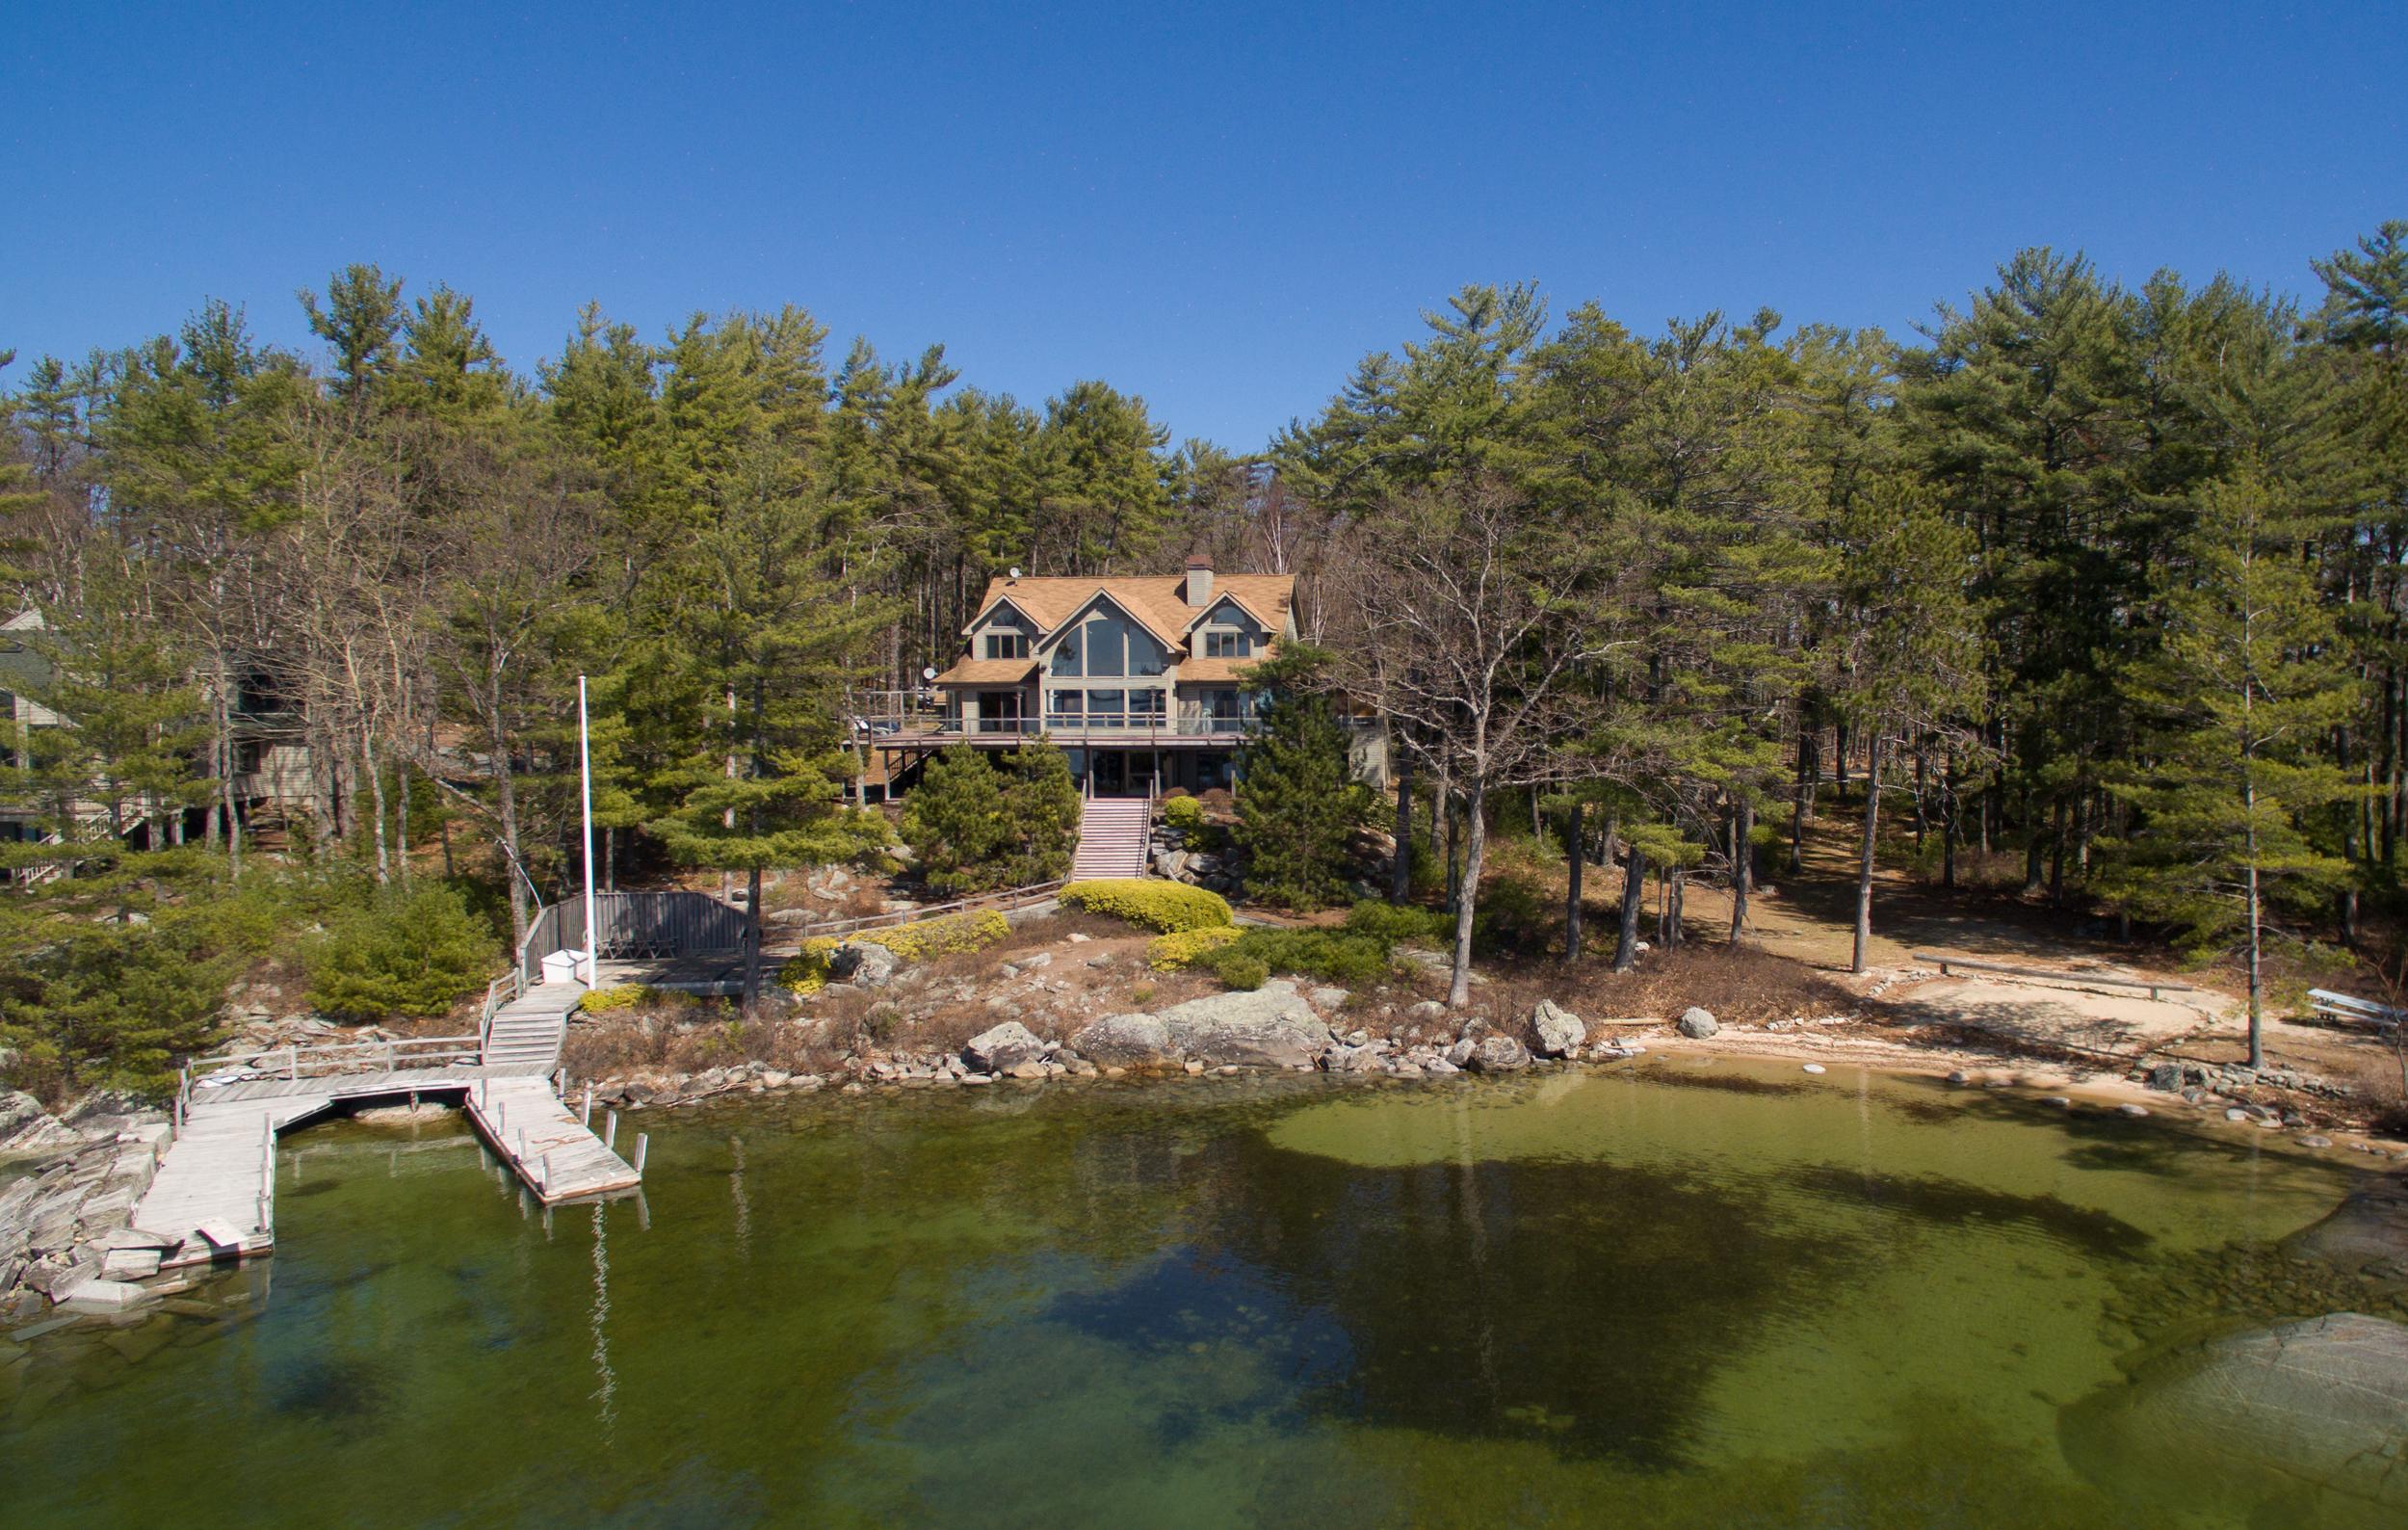 Maison unifamiliale pour l Vente à Lake Winnipesaukee Retreat with Panoramic Views 200 Windermere Rd Moultonborough, New Hampshire, 03254 États-Unis